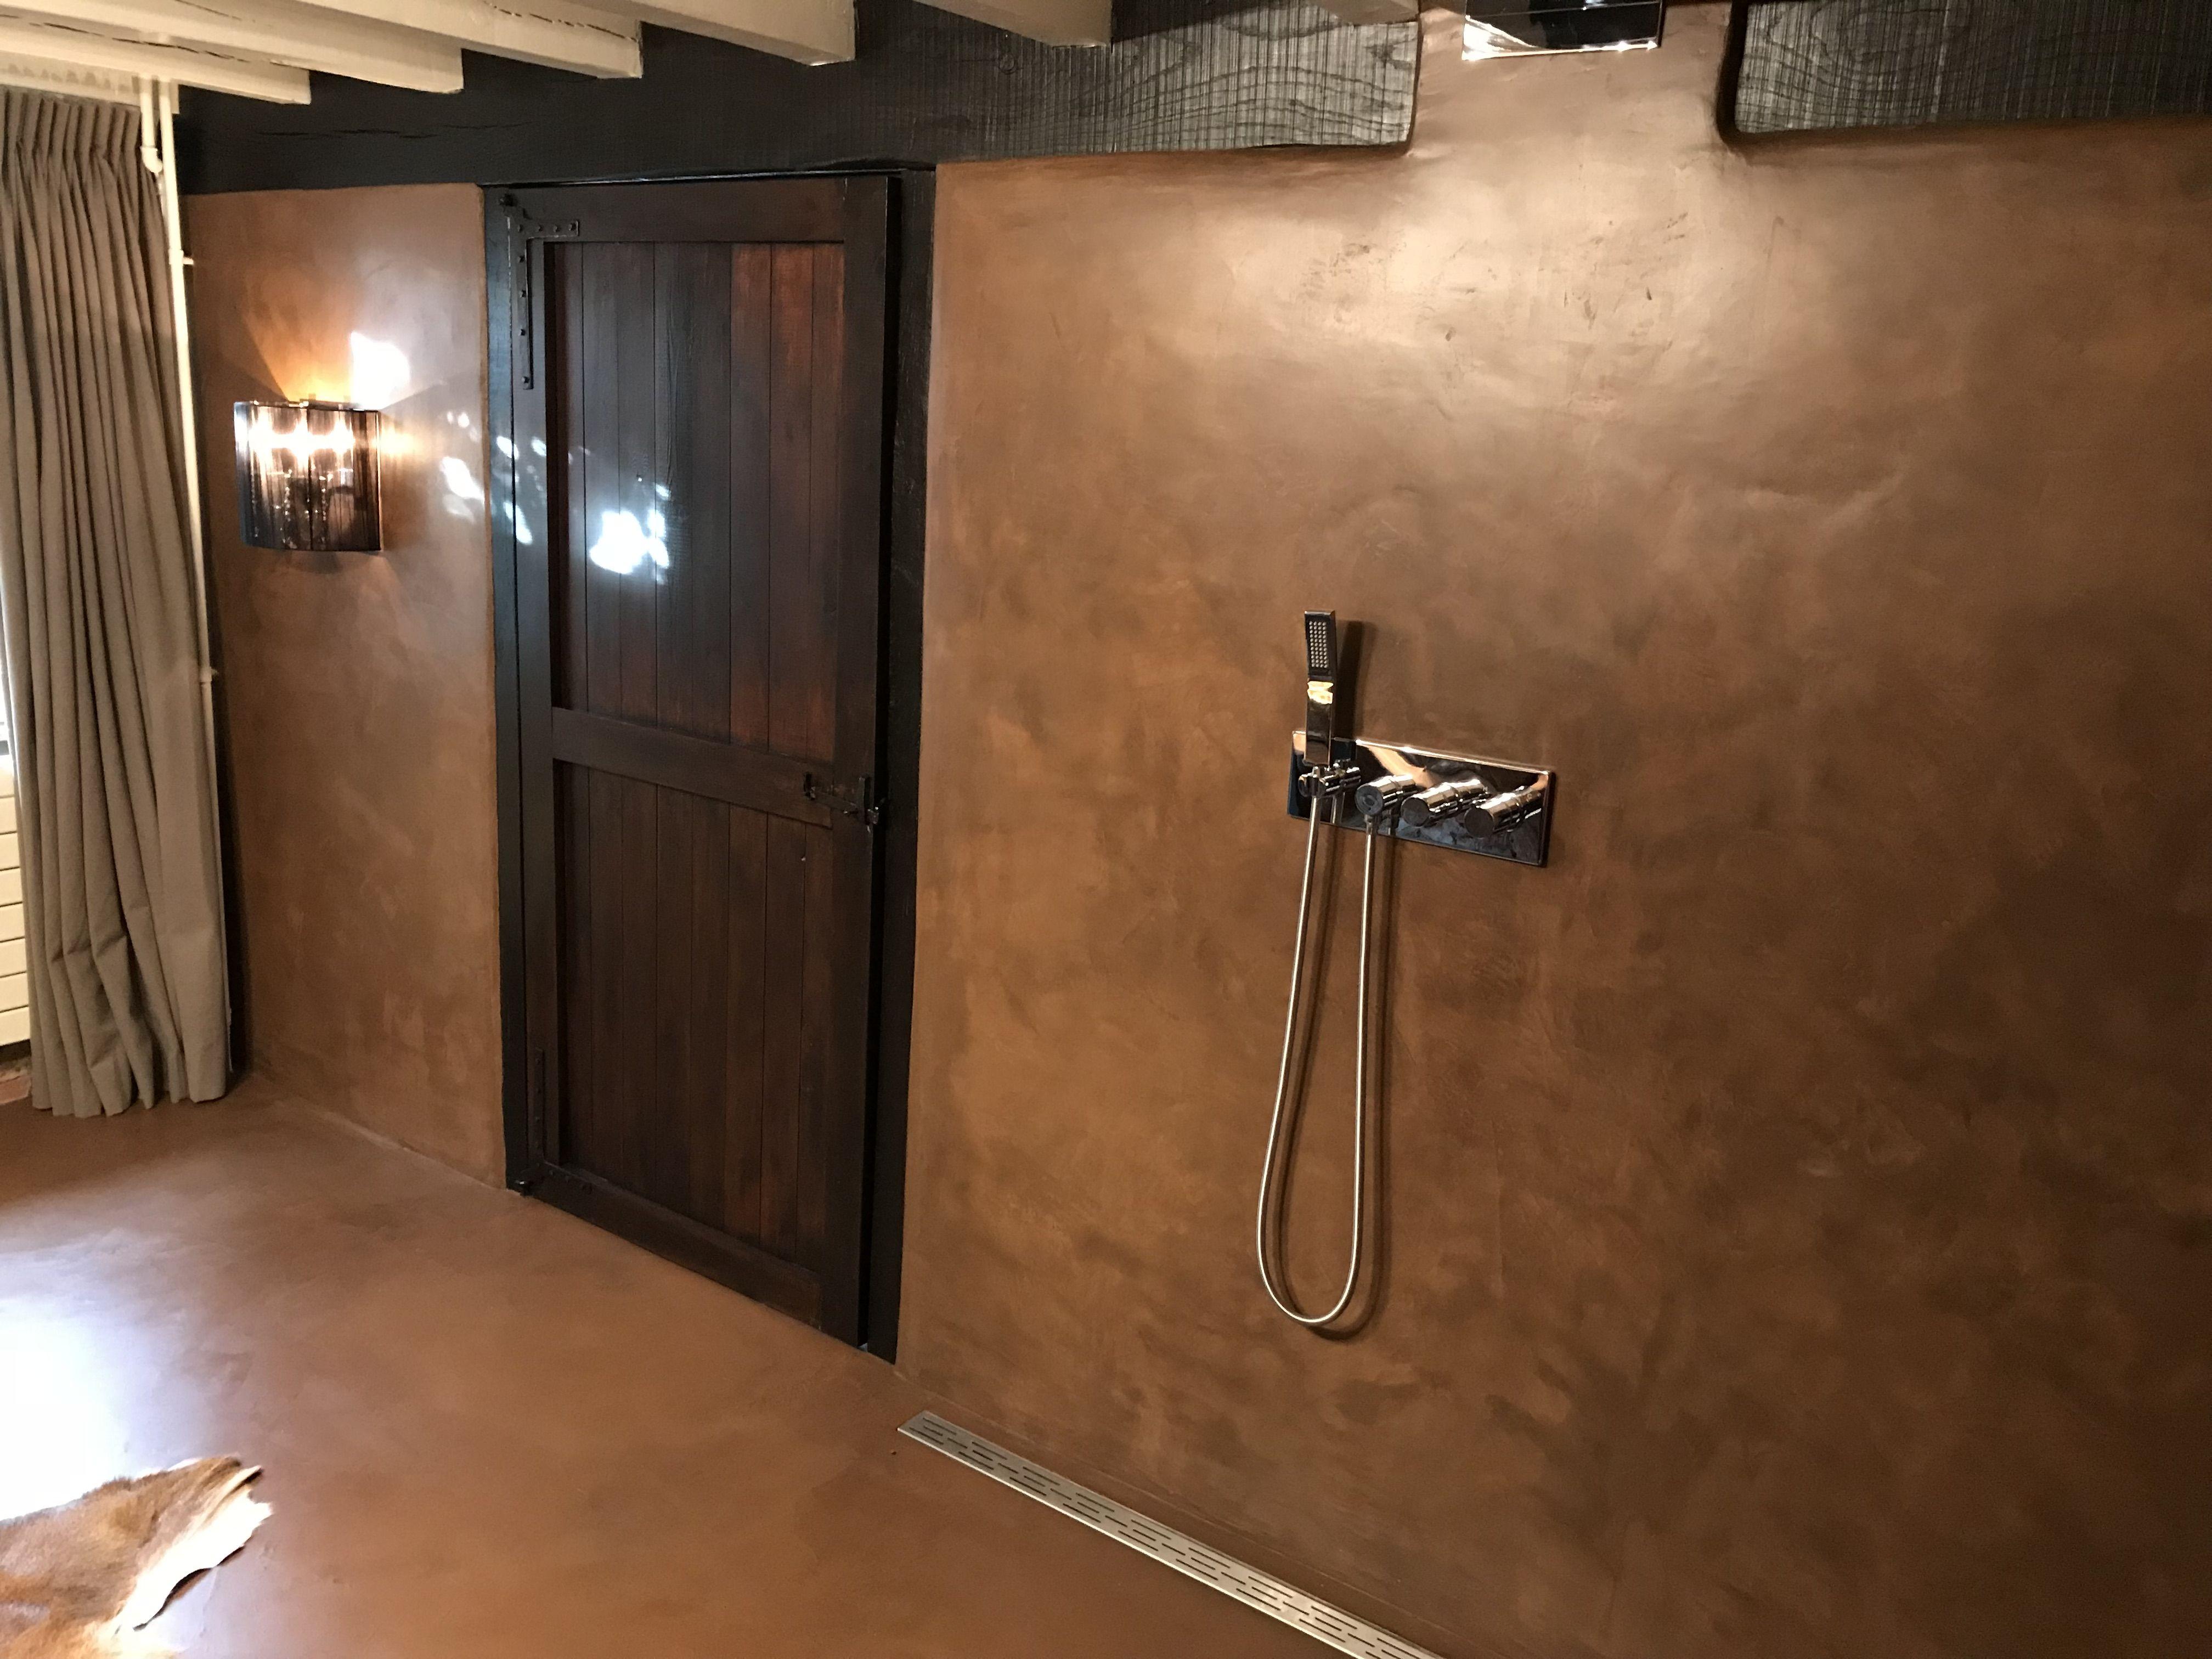 Badkamer Stucwerk Waterdicht : Stuc deco geplaatst na renovatie badkamer door tint wwwtint